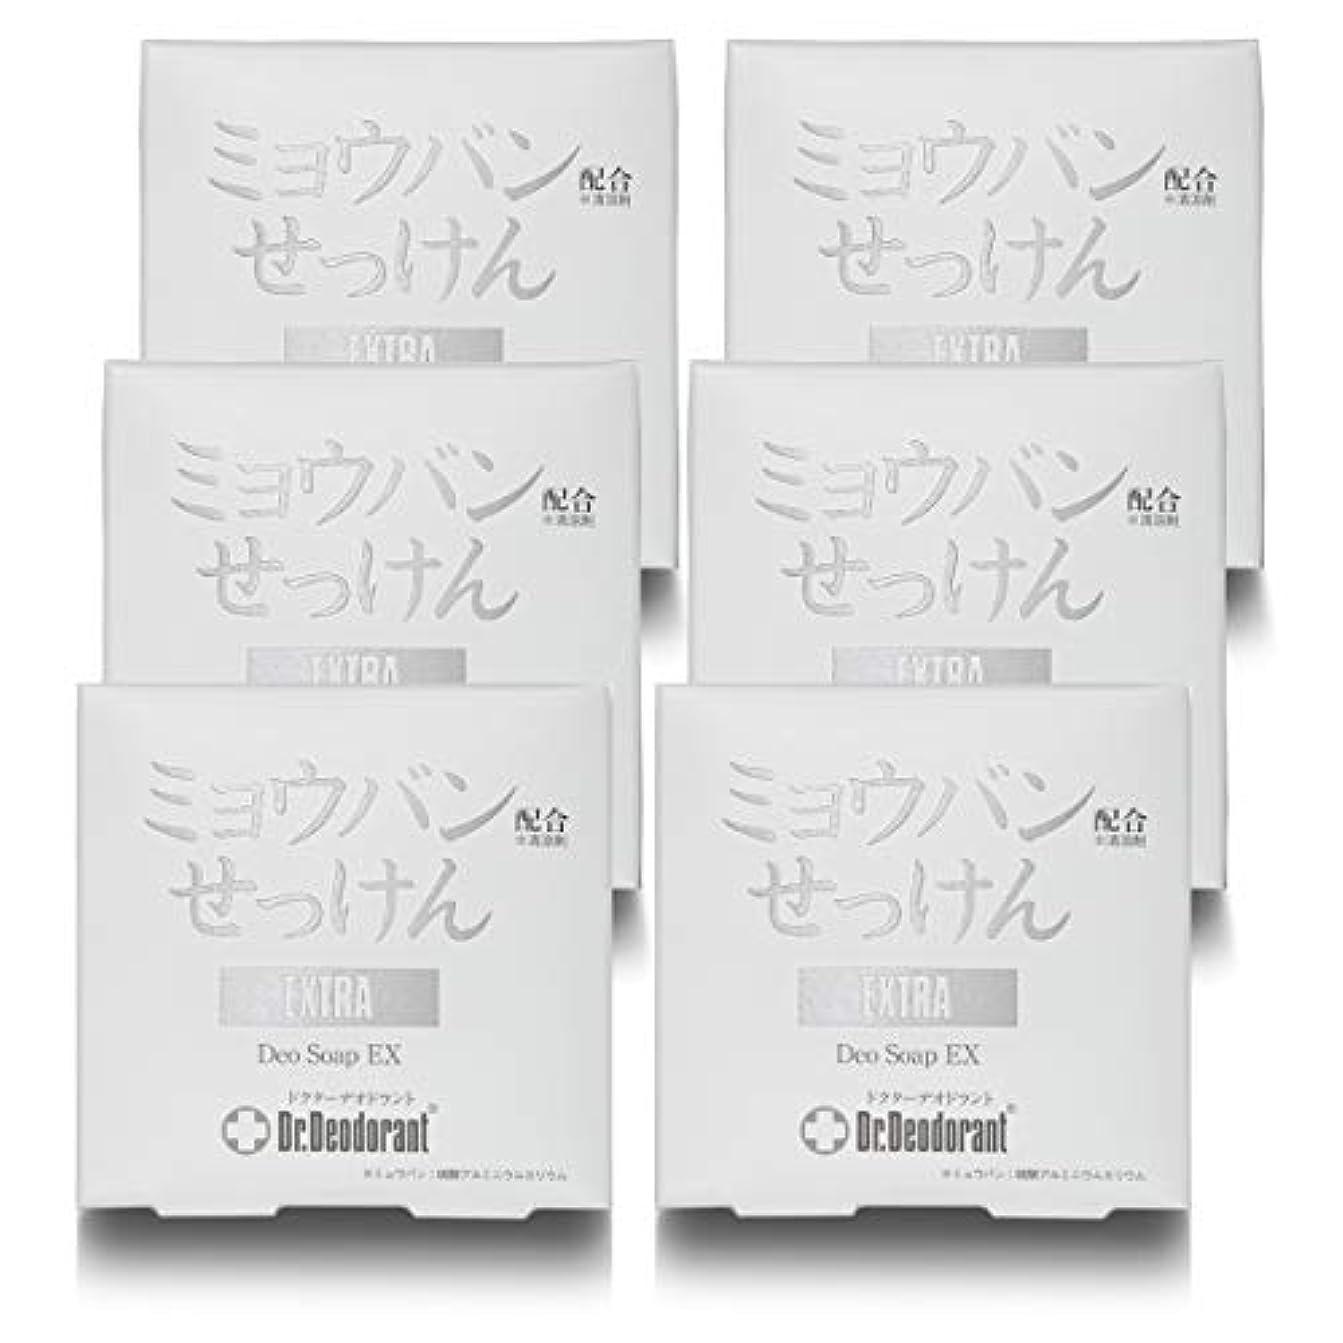 効能バックグラウンドスピーチドクターデオドラント 薬用ミョウバンせっけんEX (6個セット)